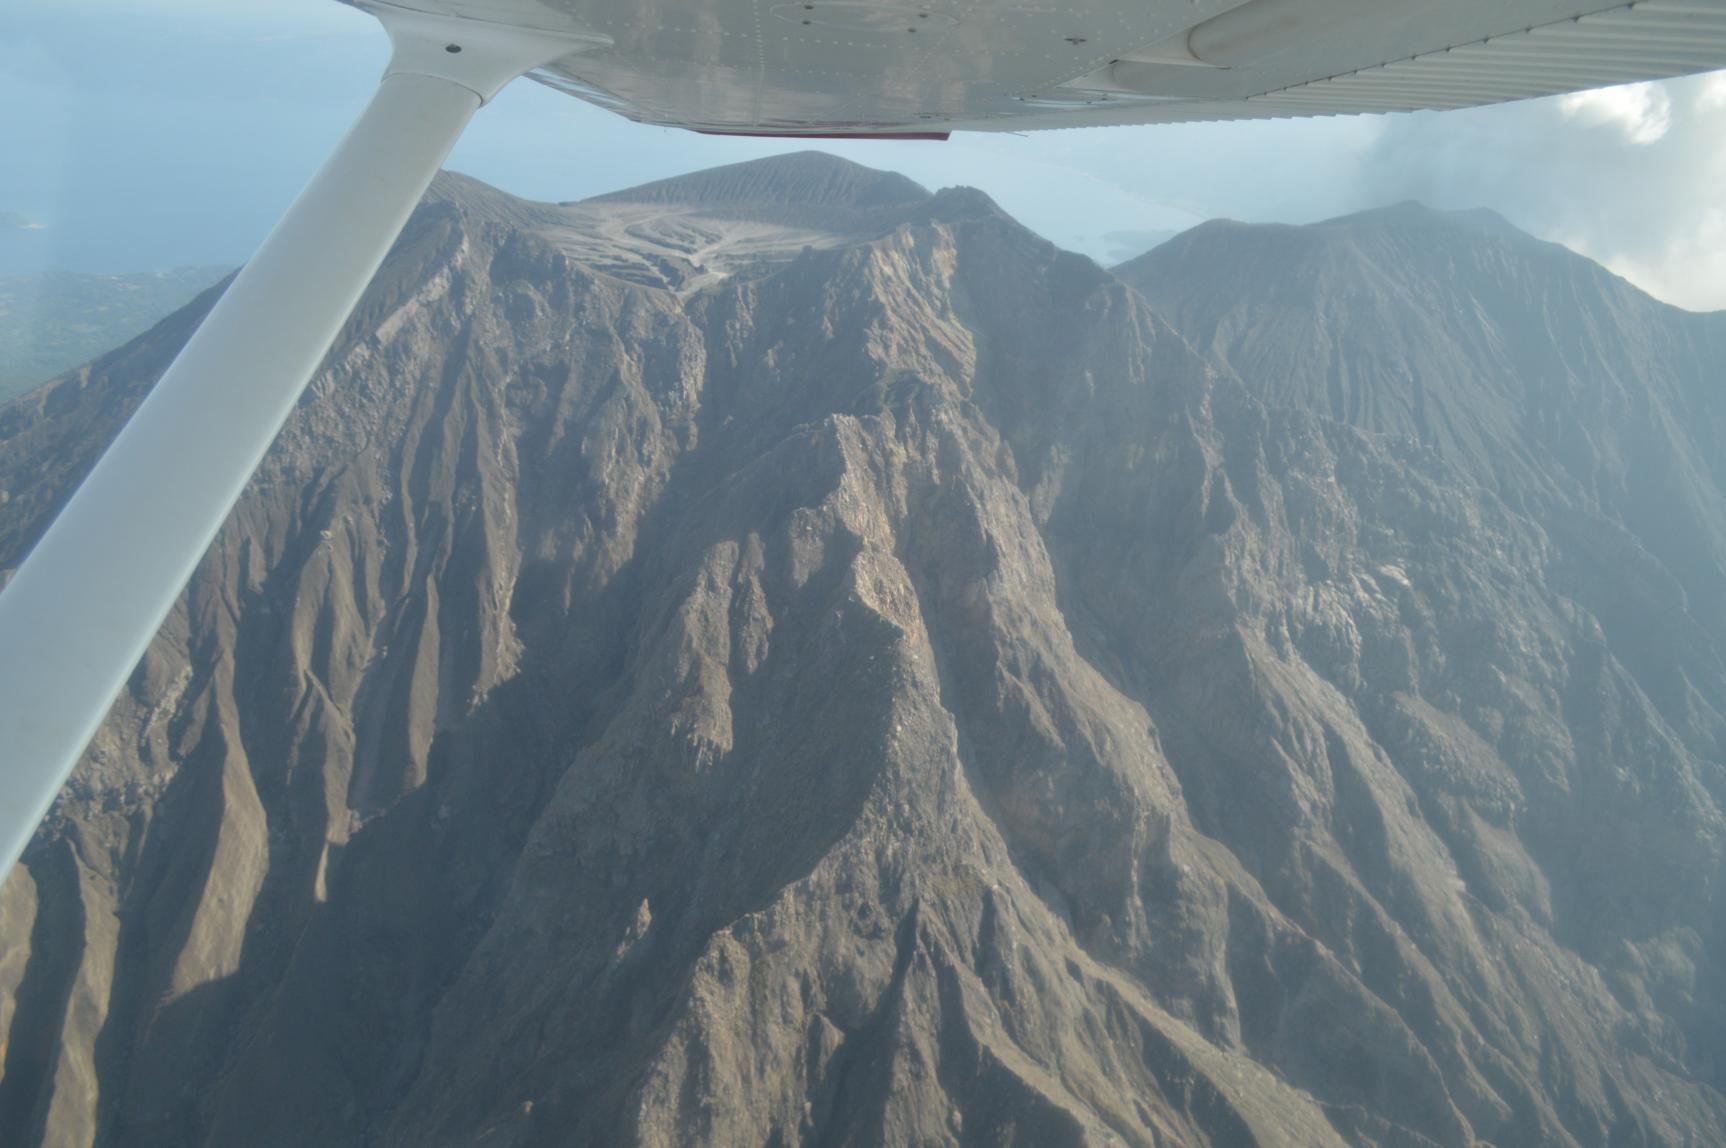 いざ、鹿児島の大空へ!パノラマの景色を楽しもう-4